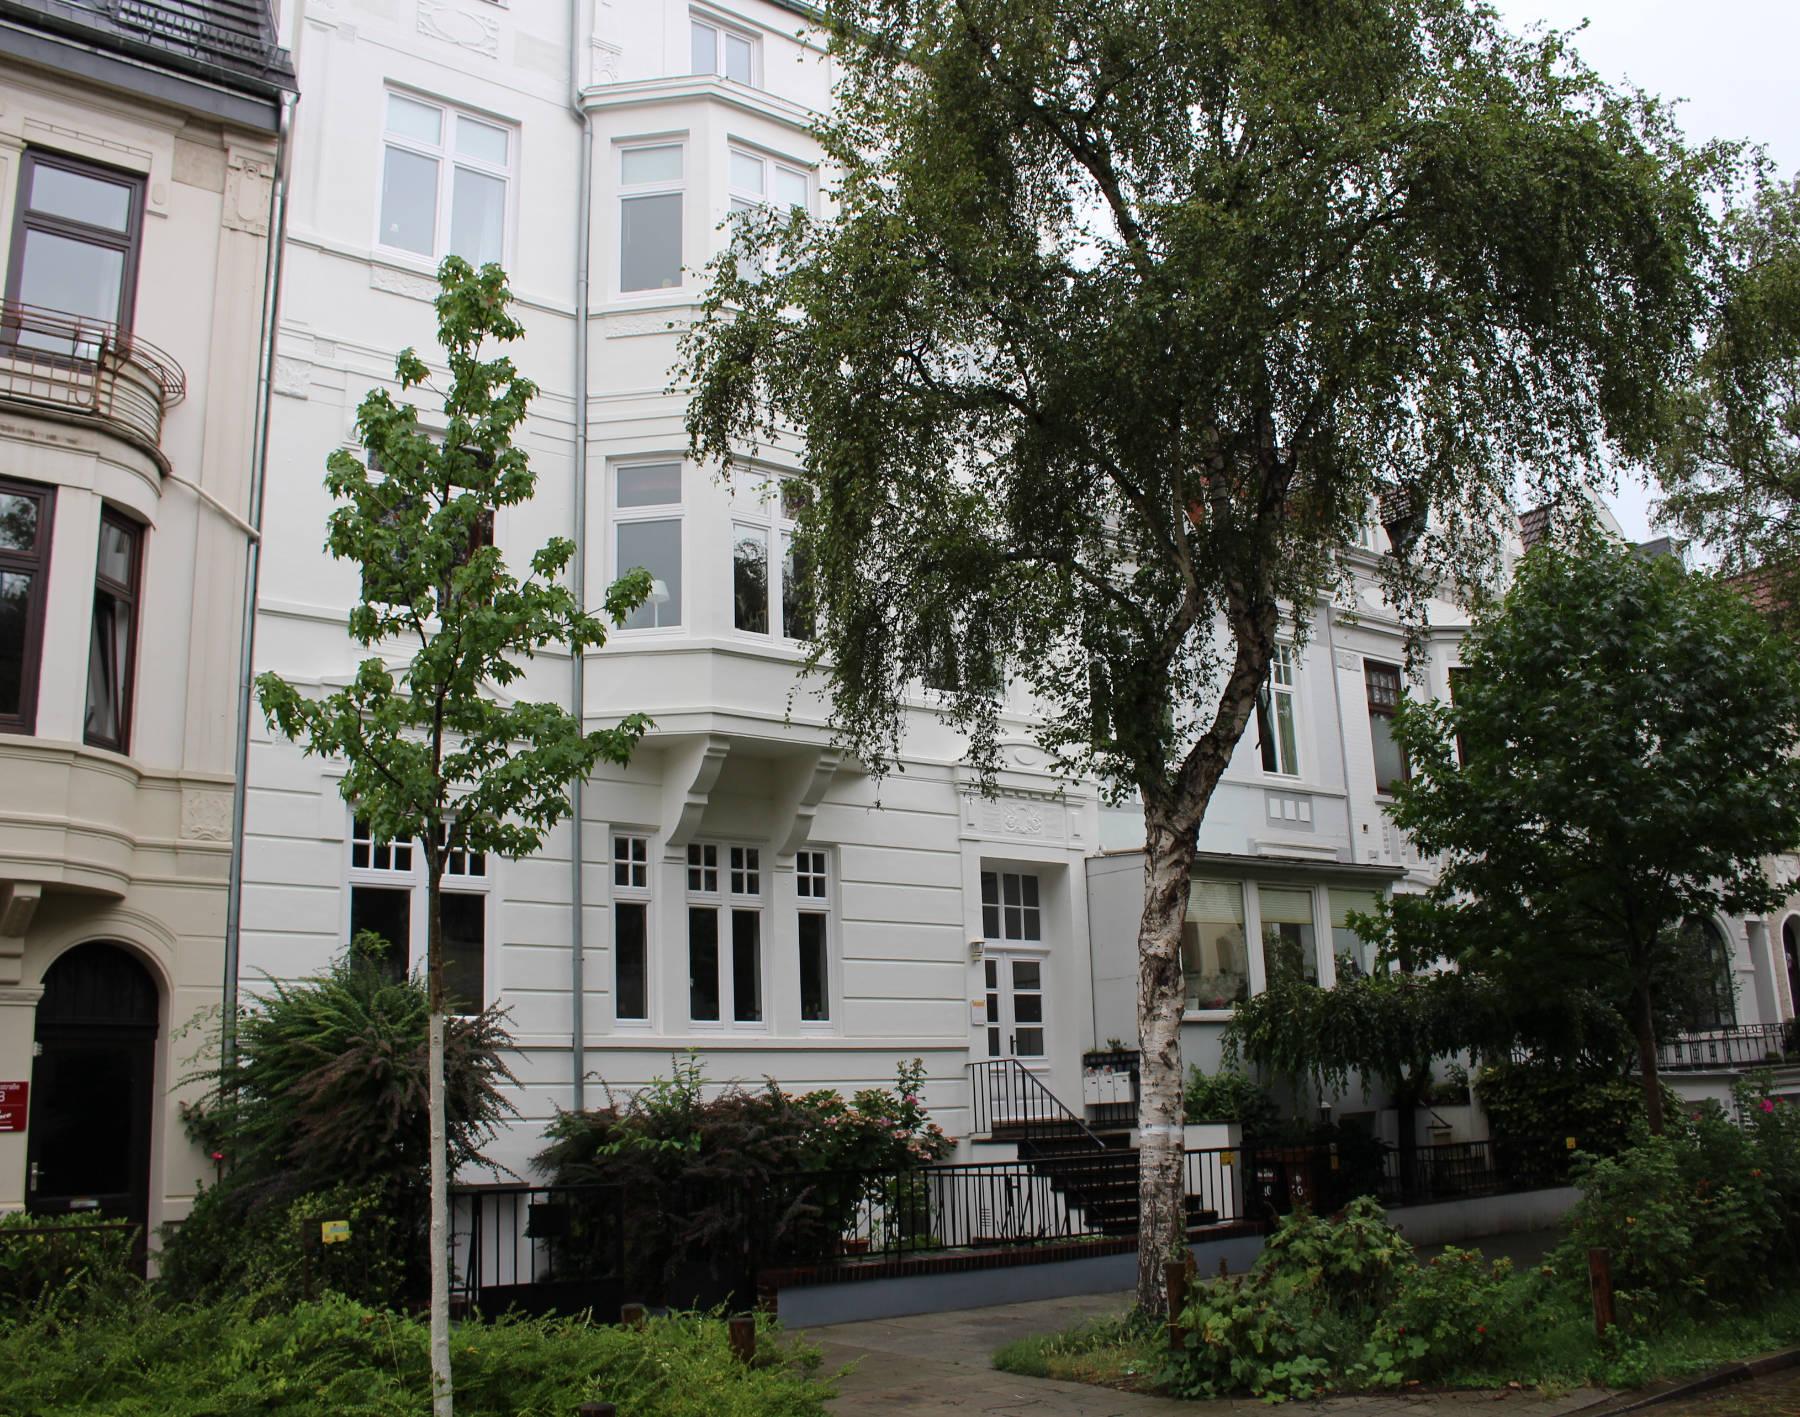 Verkauft Seltene Gelegenheit Helle Wohnung Im Altbremer Haus Mit